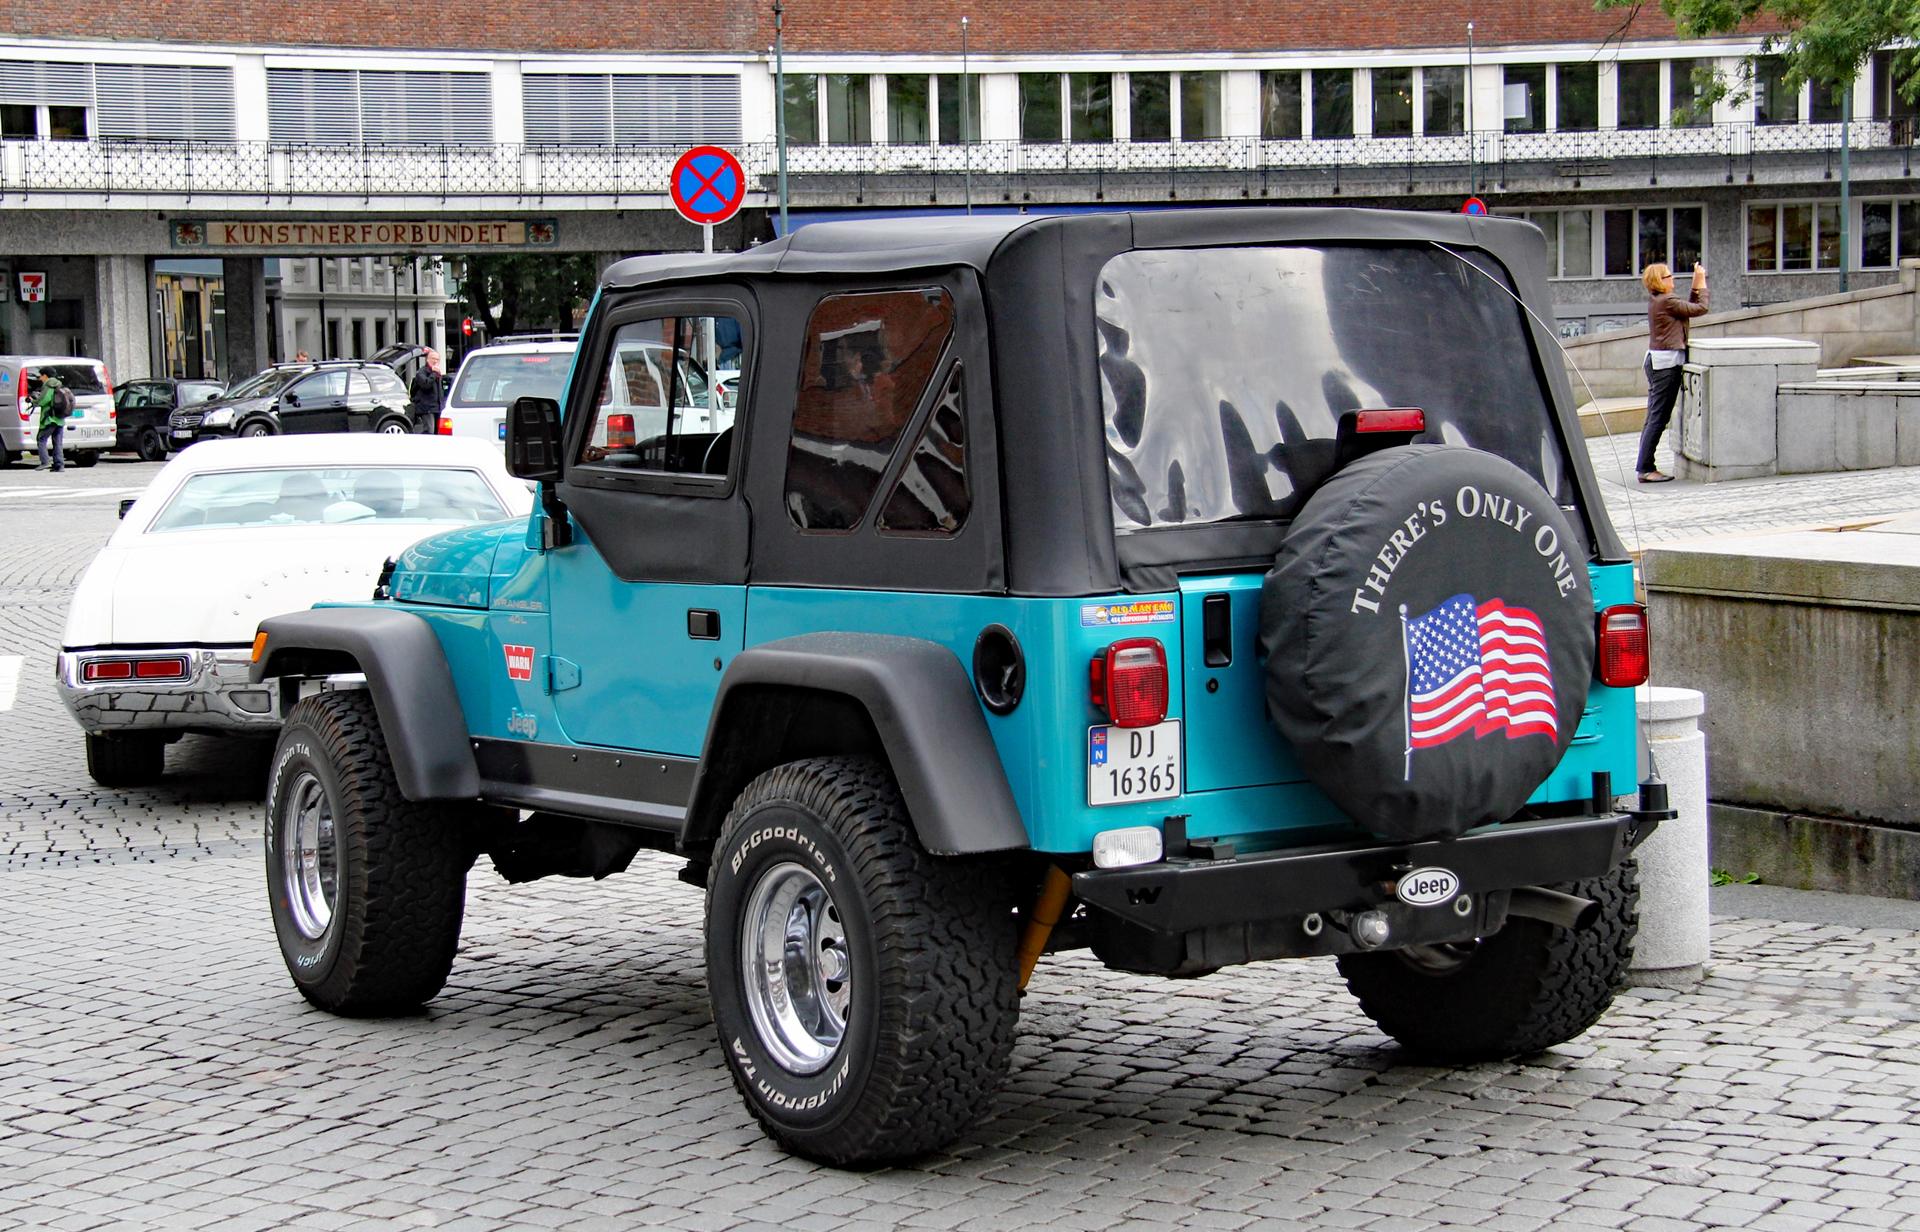 167-1997 Jeep Wrangler TJ 02. Eier- medlem 167 Joh